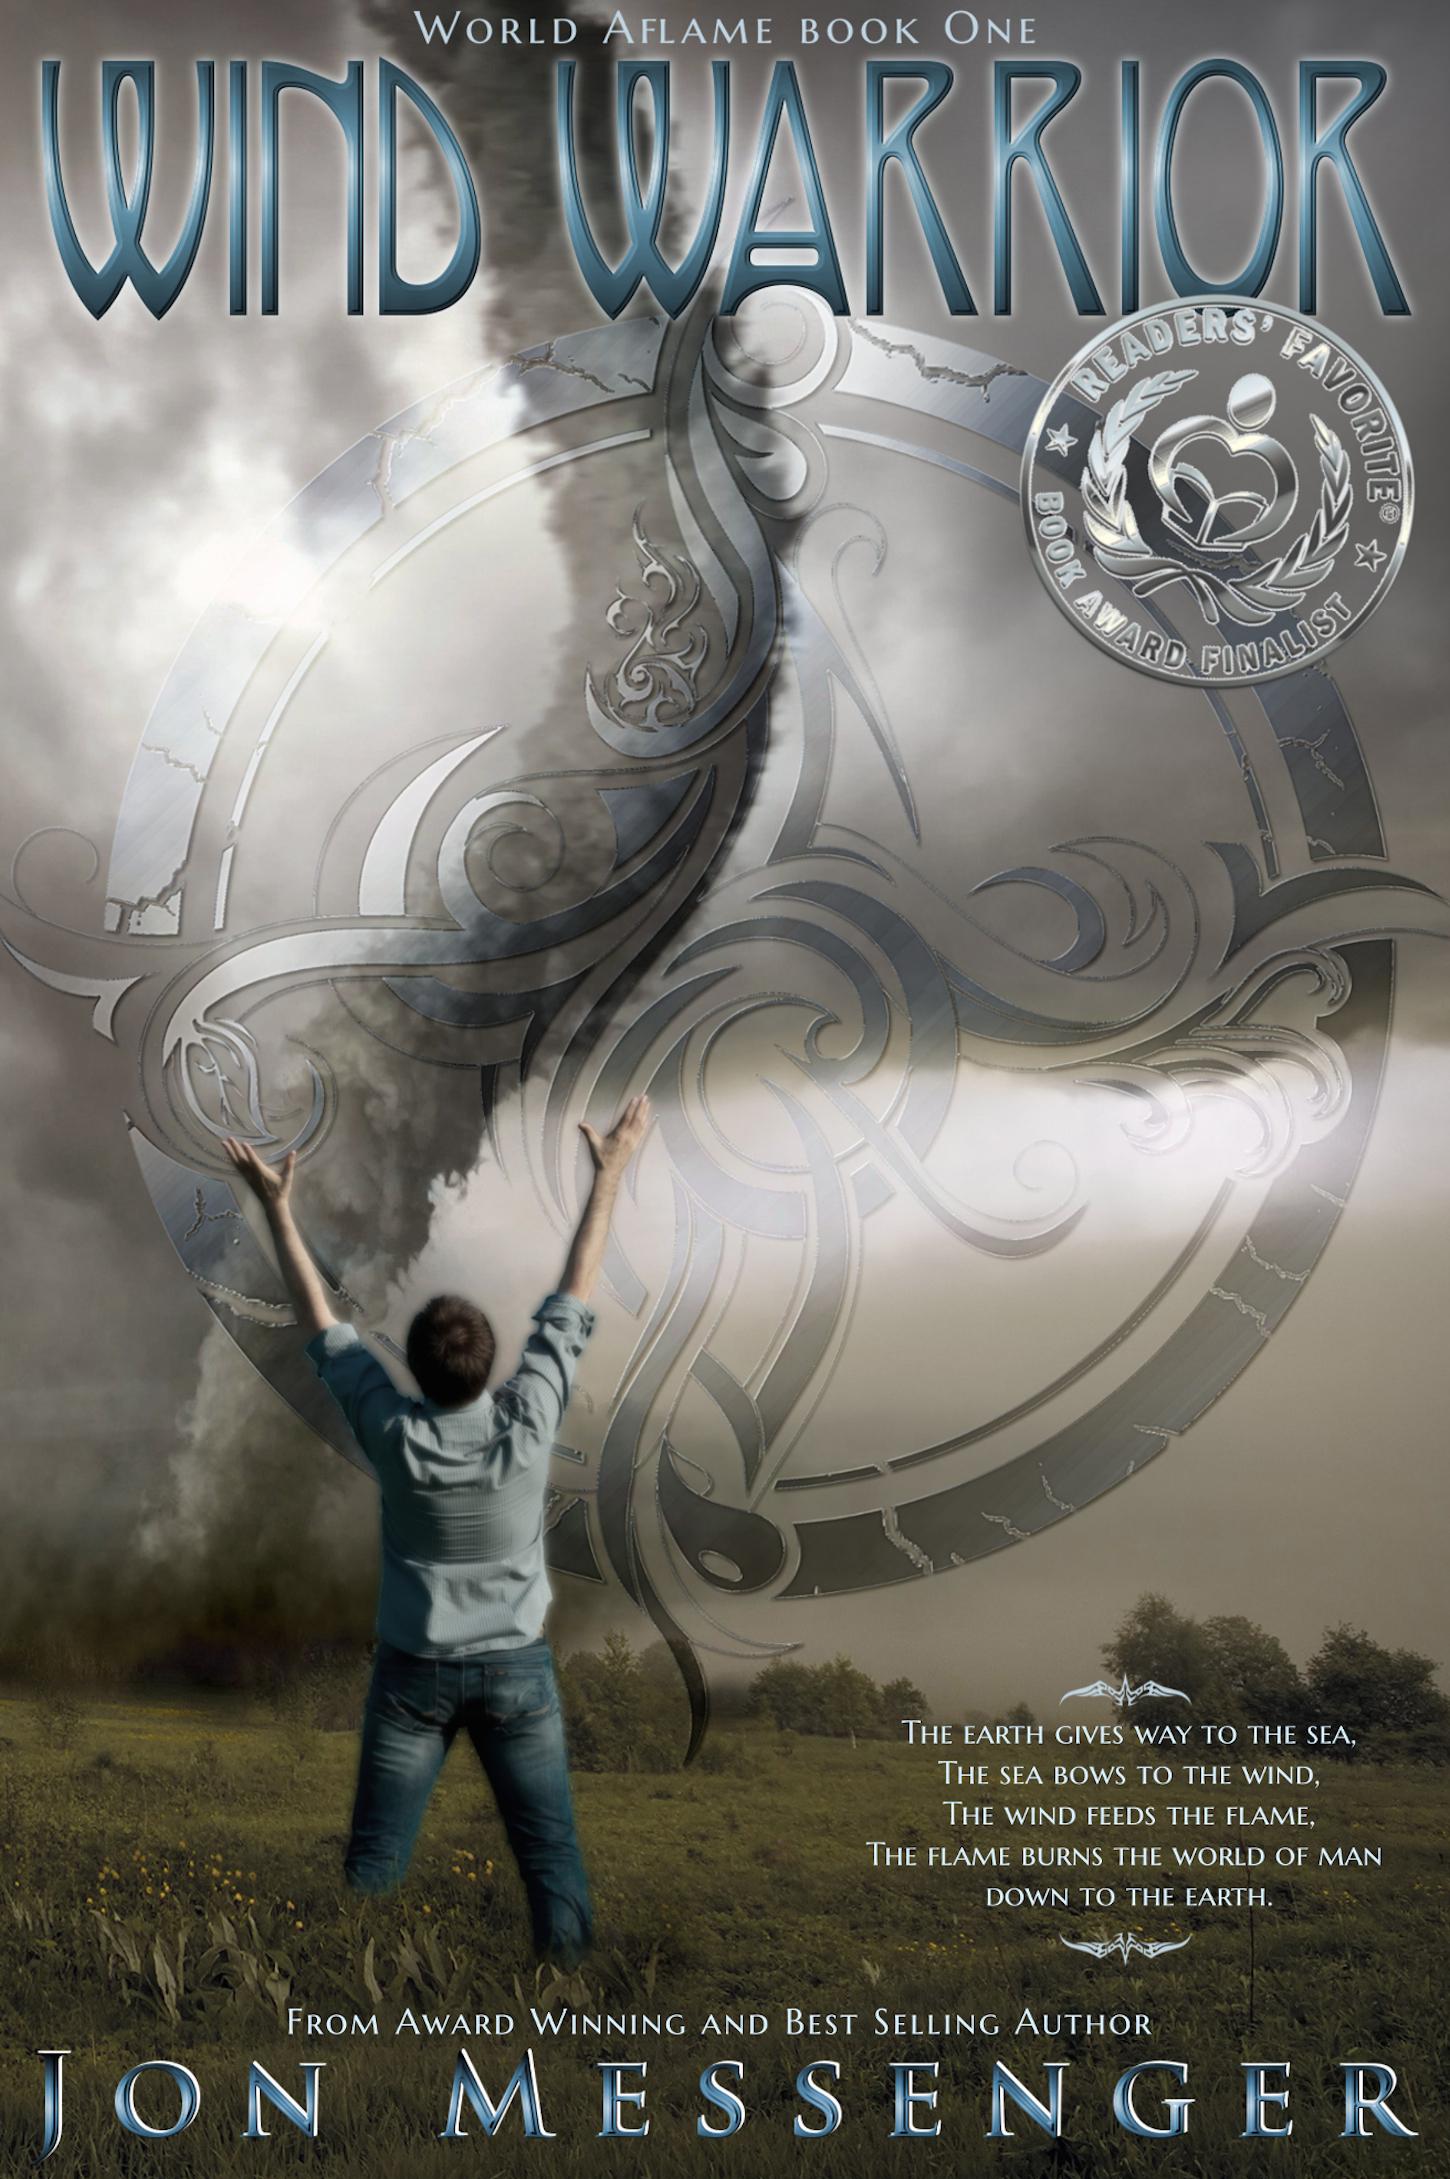 Wind Warrior (sst-clxxxviii)